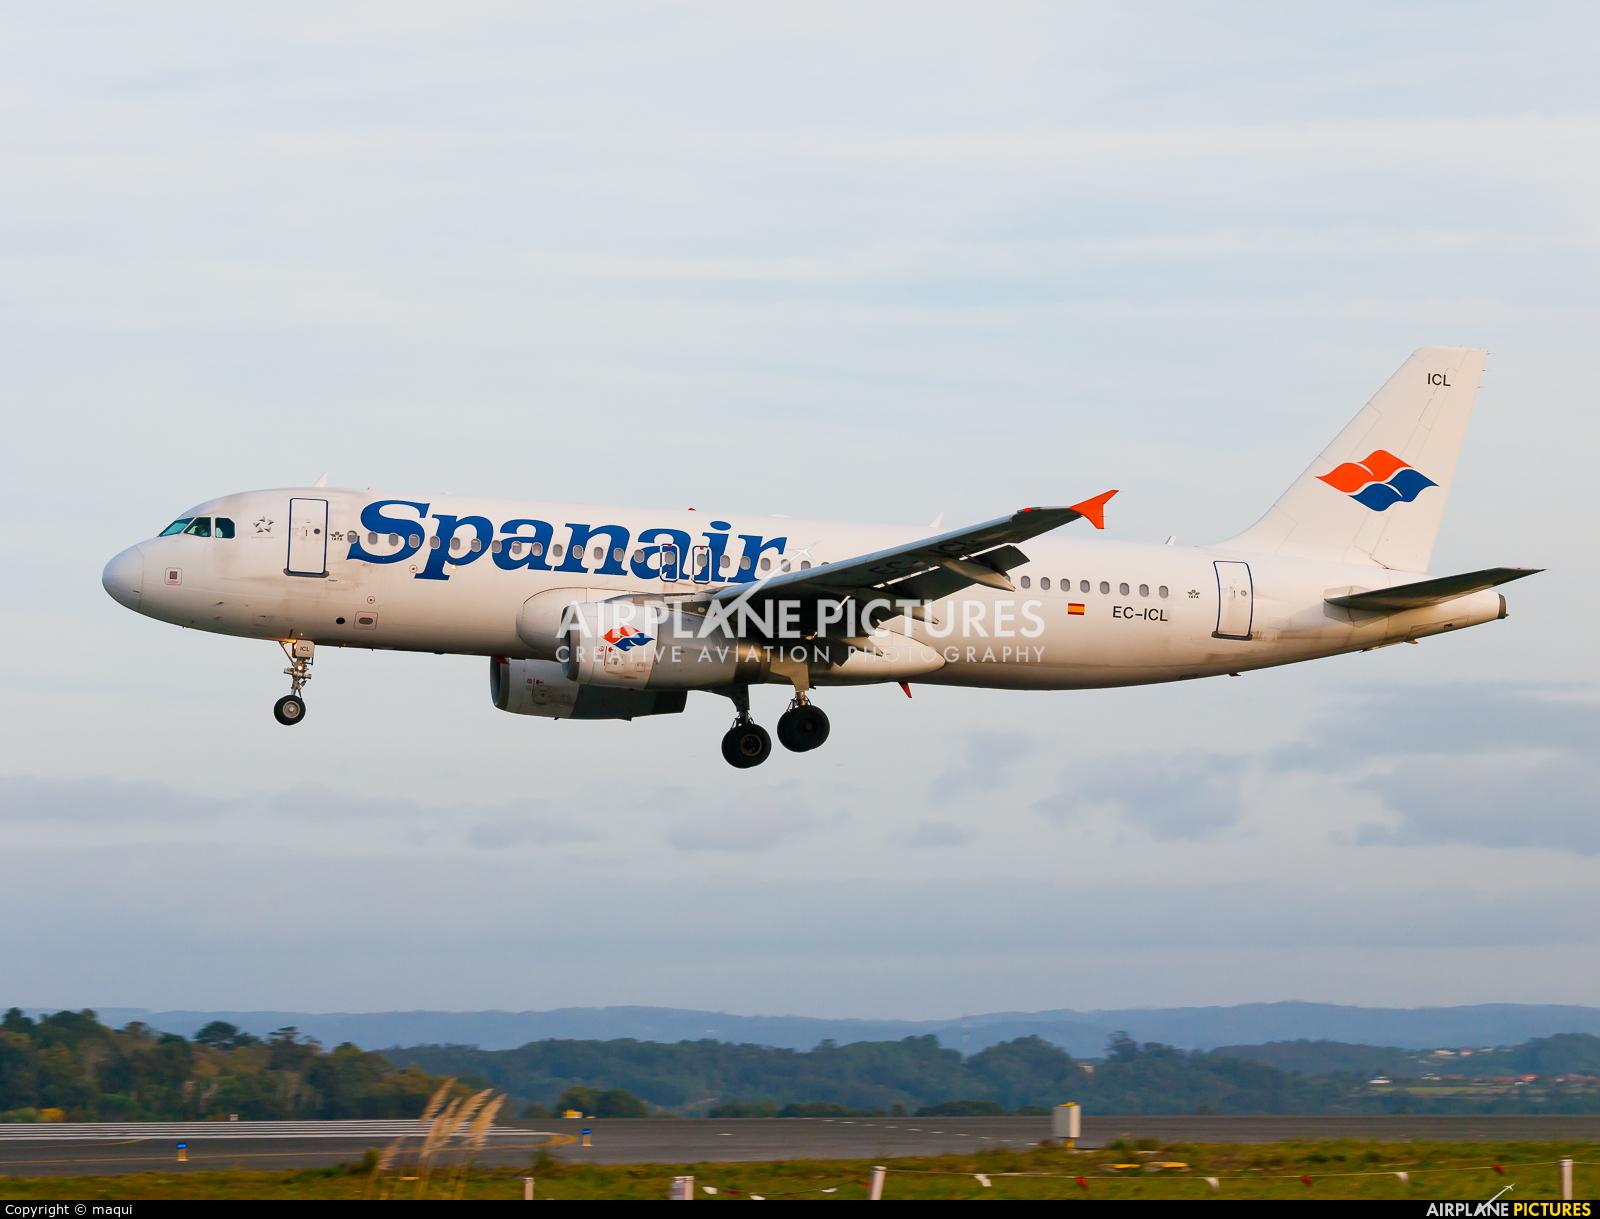 Spanair EC-ICL aircraft at La Coruña